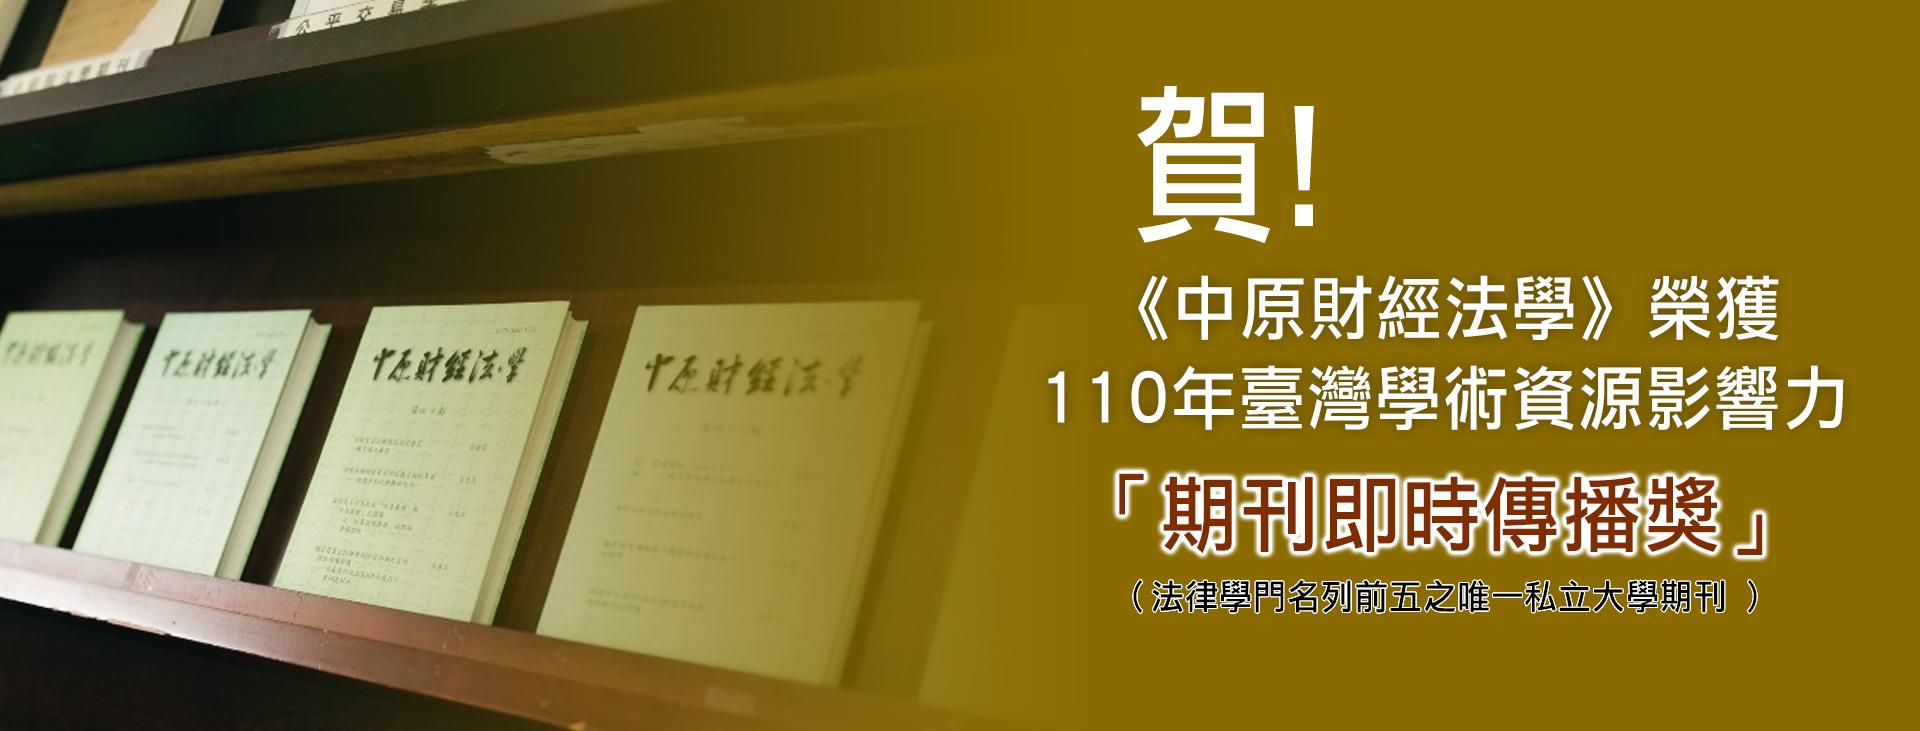 中原財經法學榮獲110年台灣學術資源影響力「期刊即時傳播獎」